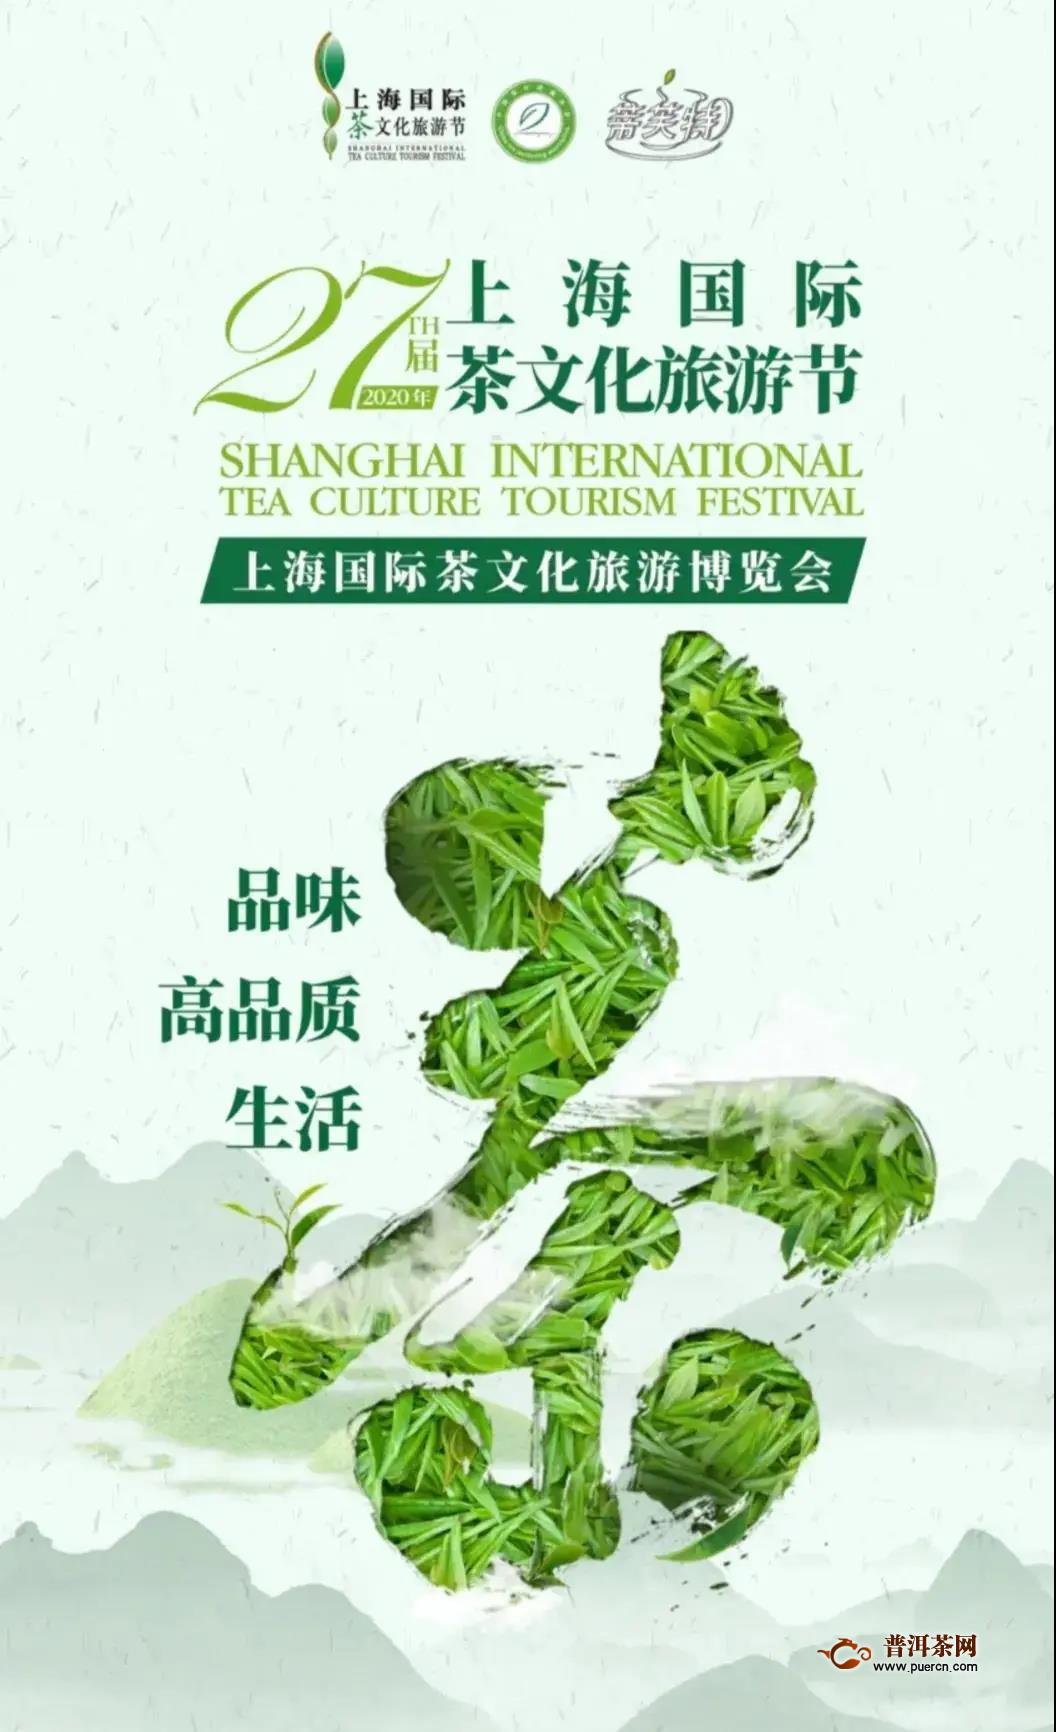 2020年第二十七届上海国际茶文化旅游博览会招商现已全面启动